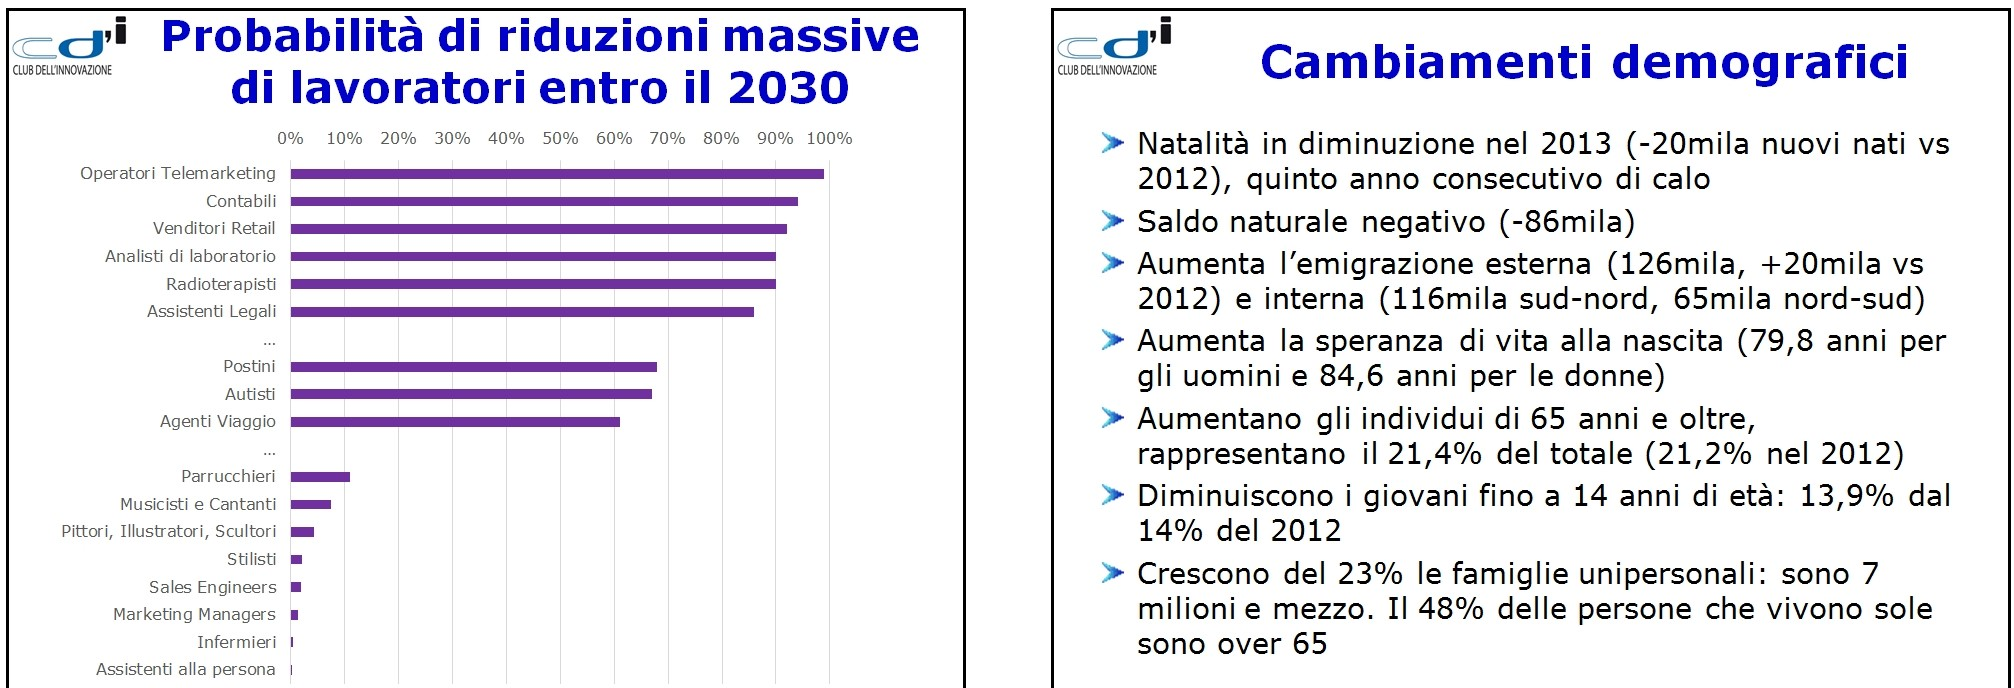 Professioni-a-rischio-entro-il-2030-e-cambiamenti-demografici (2)